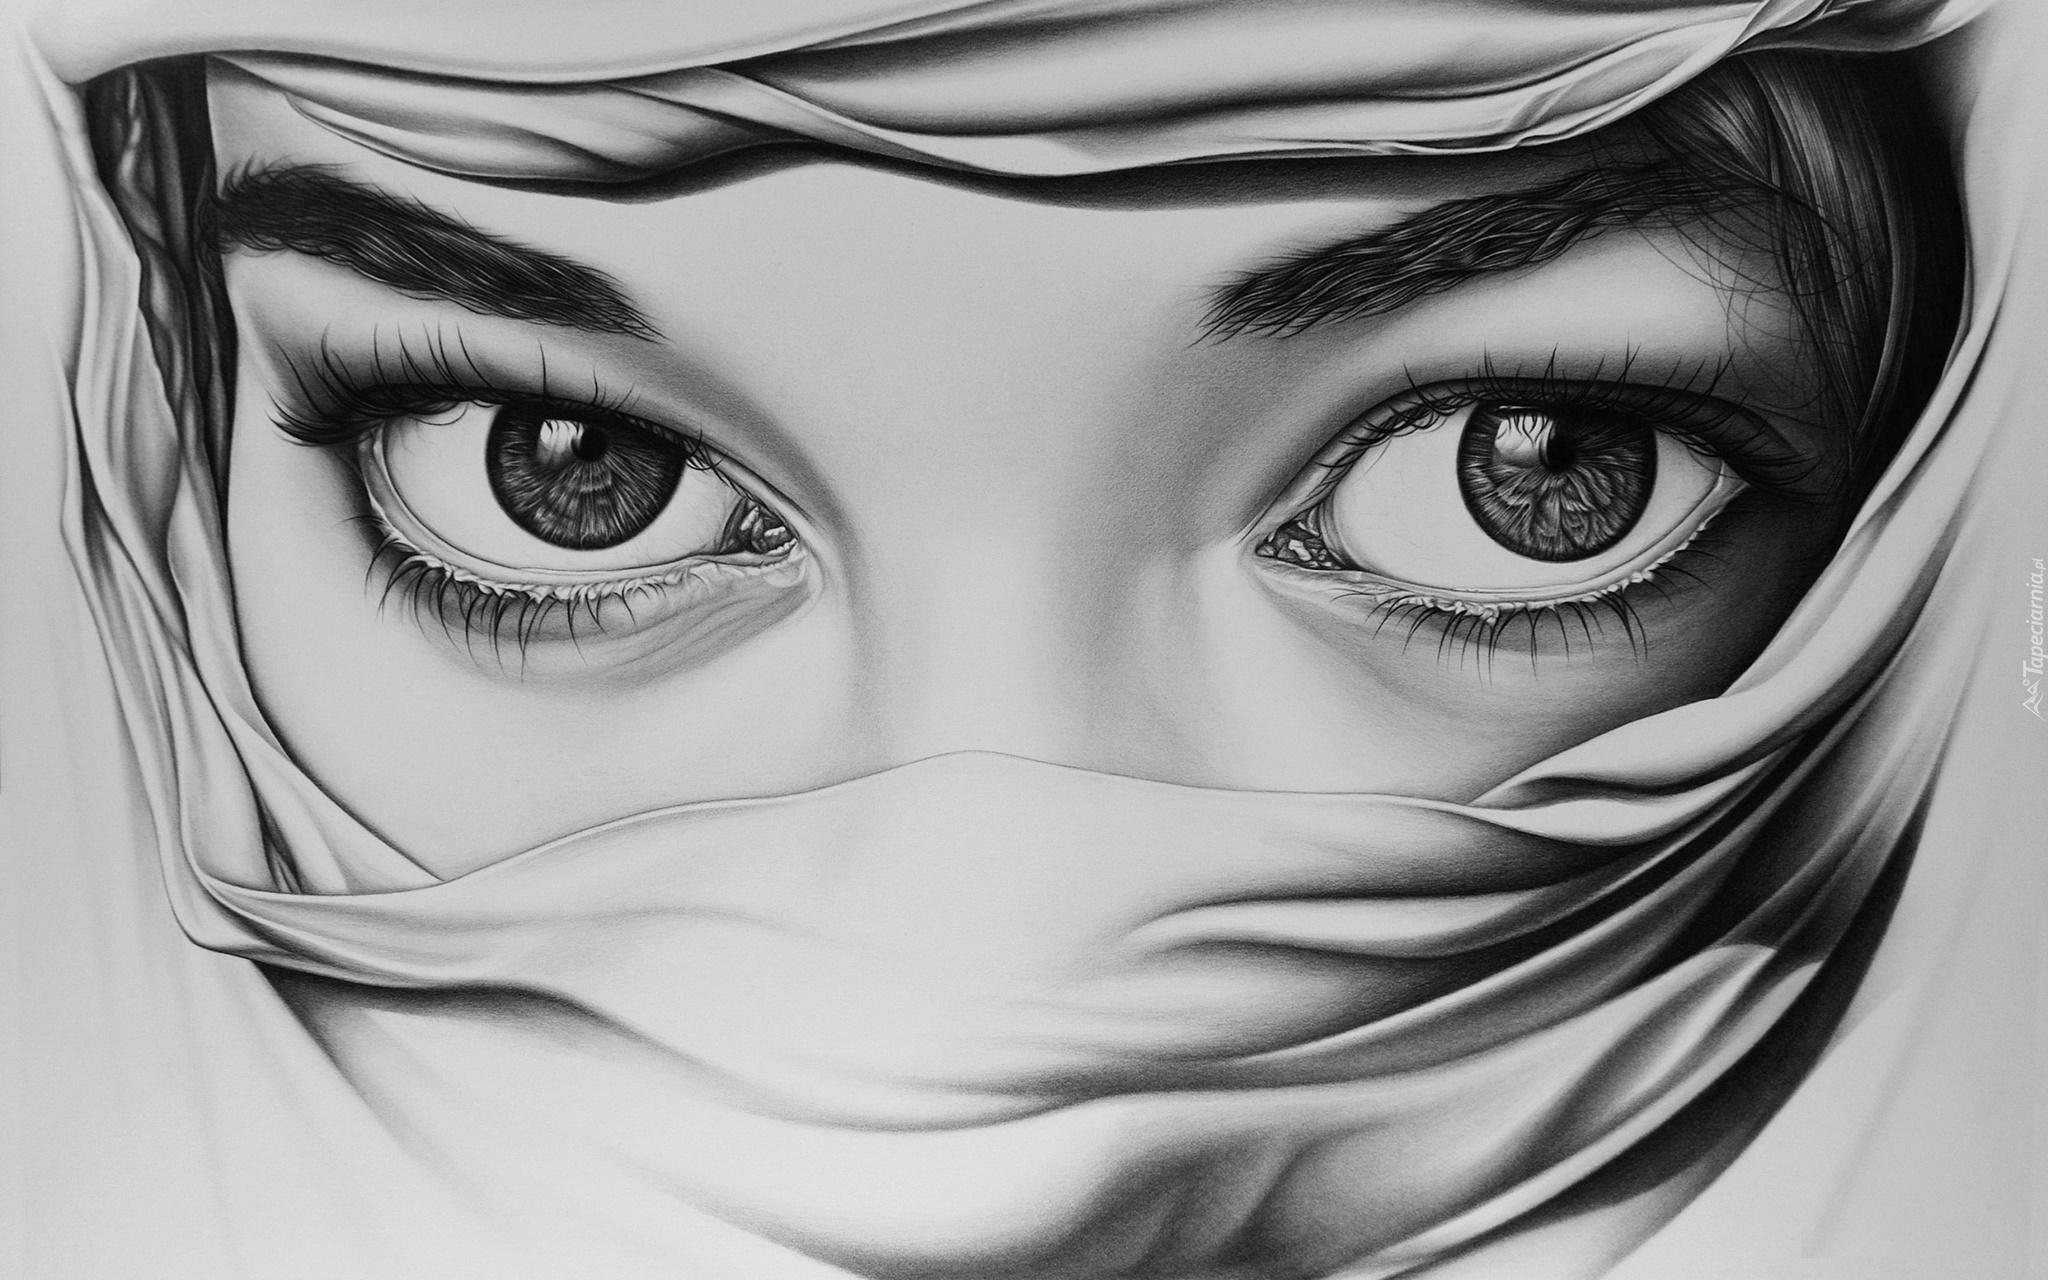 Rysunek Zasłoniętej Twarzy Kobiecej Wykonany Ołówkiem